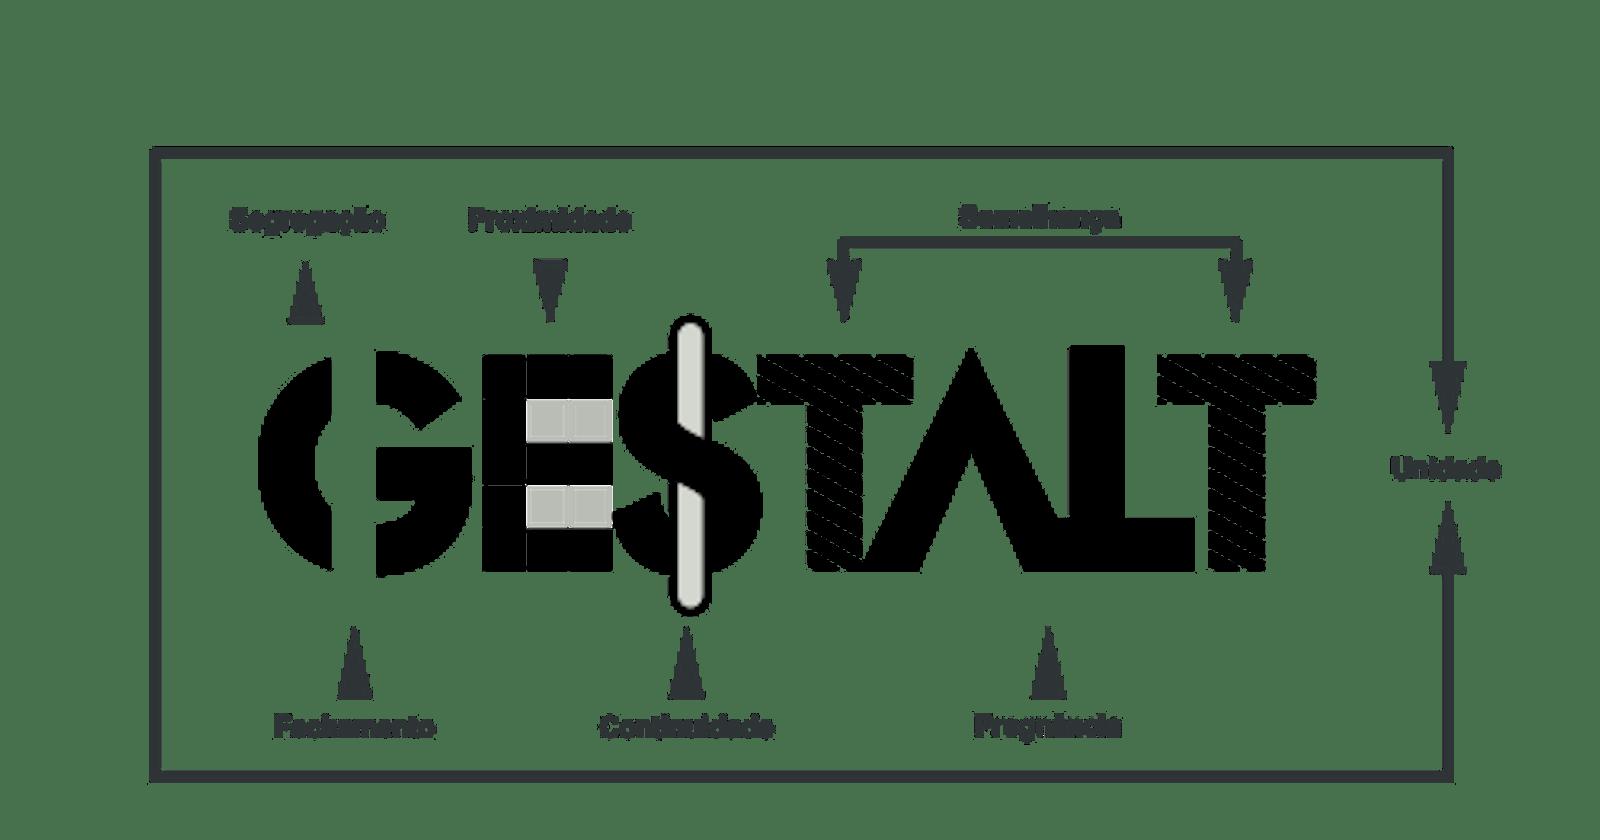 Gestalt Design in Data Analysis